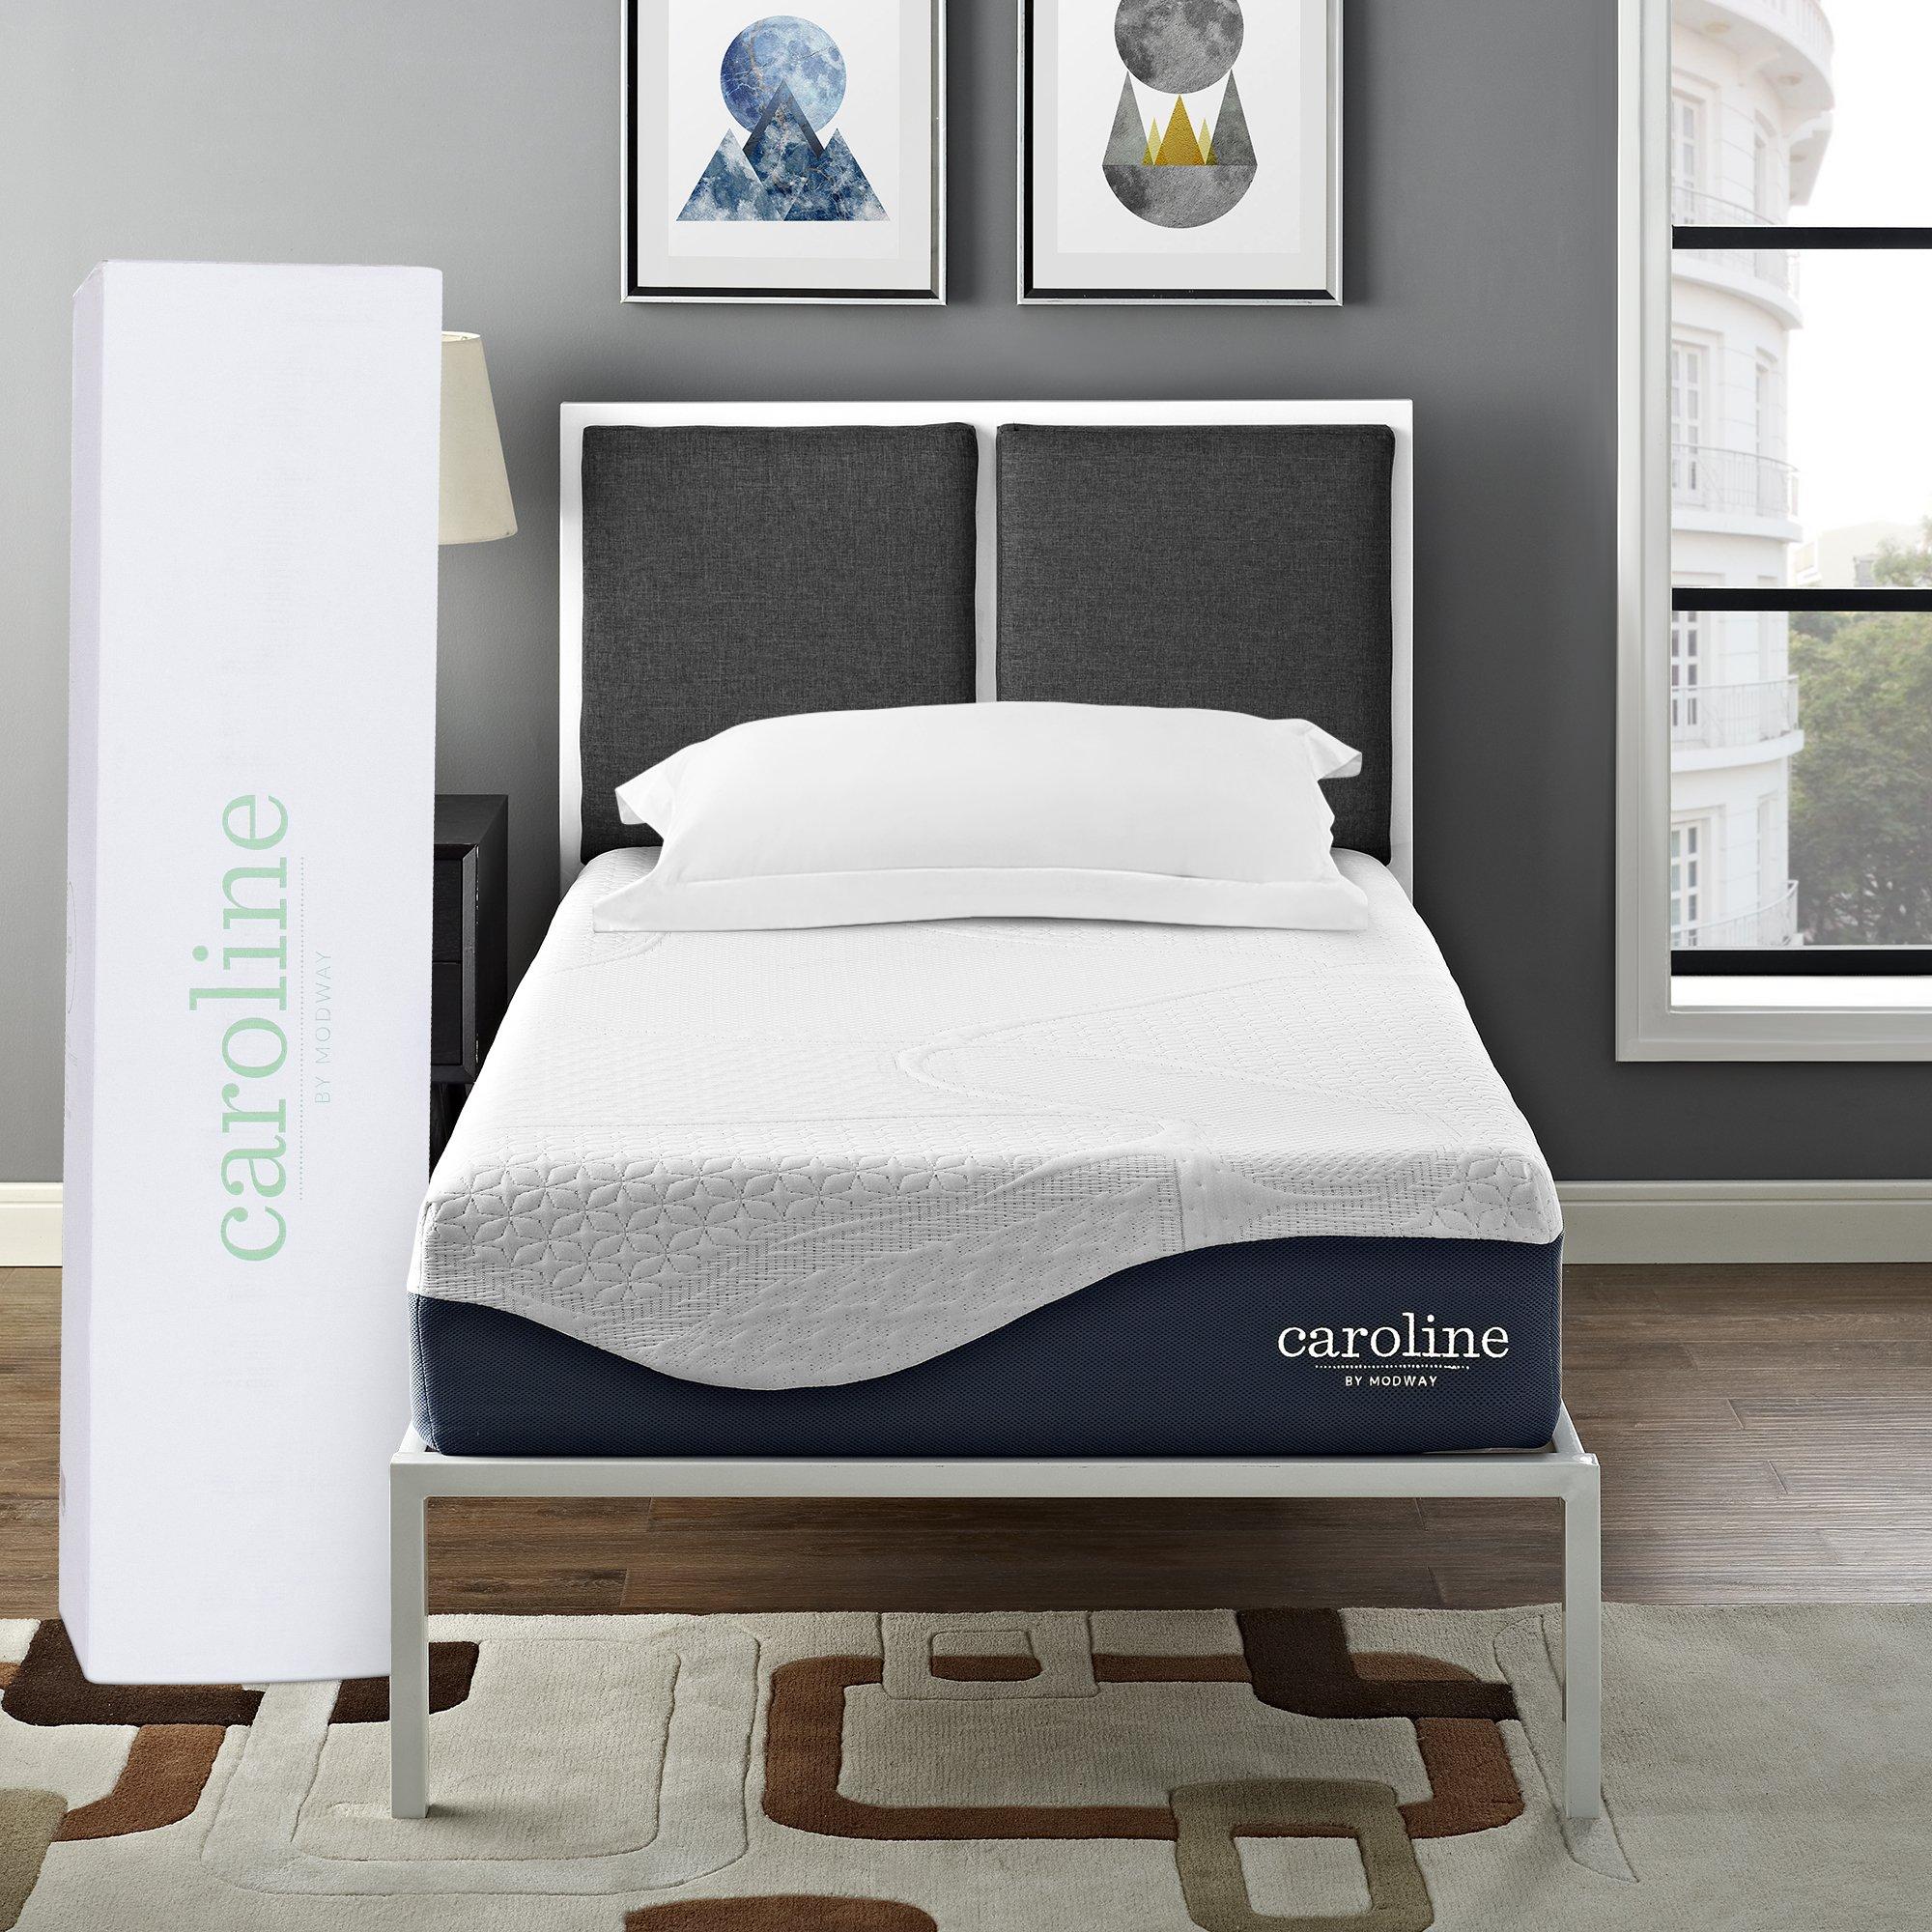 Modway Caroline 10'' Cooling Air Gel Memory Foam Twin Mattress With CertiPUR-US Certified Foam - 10-Year Warranty